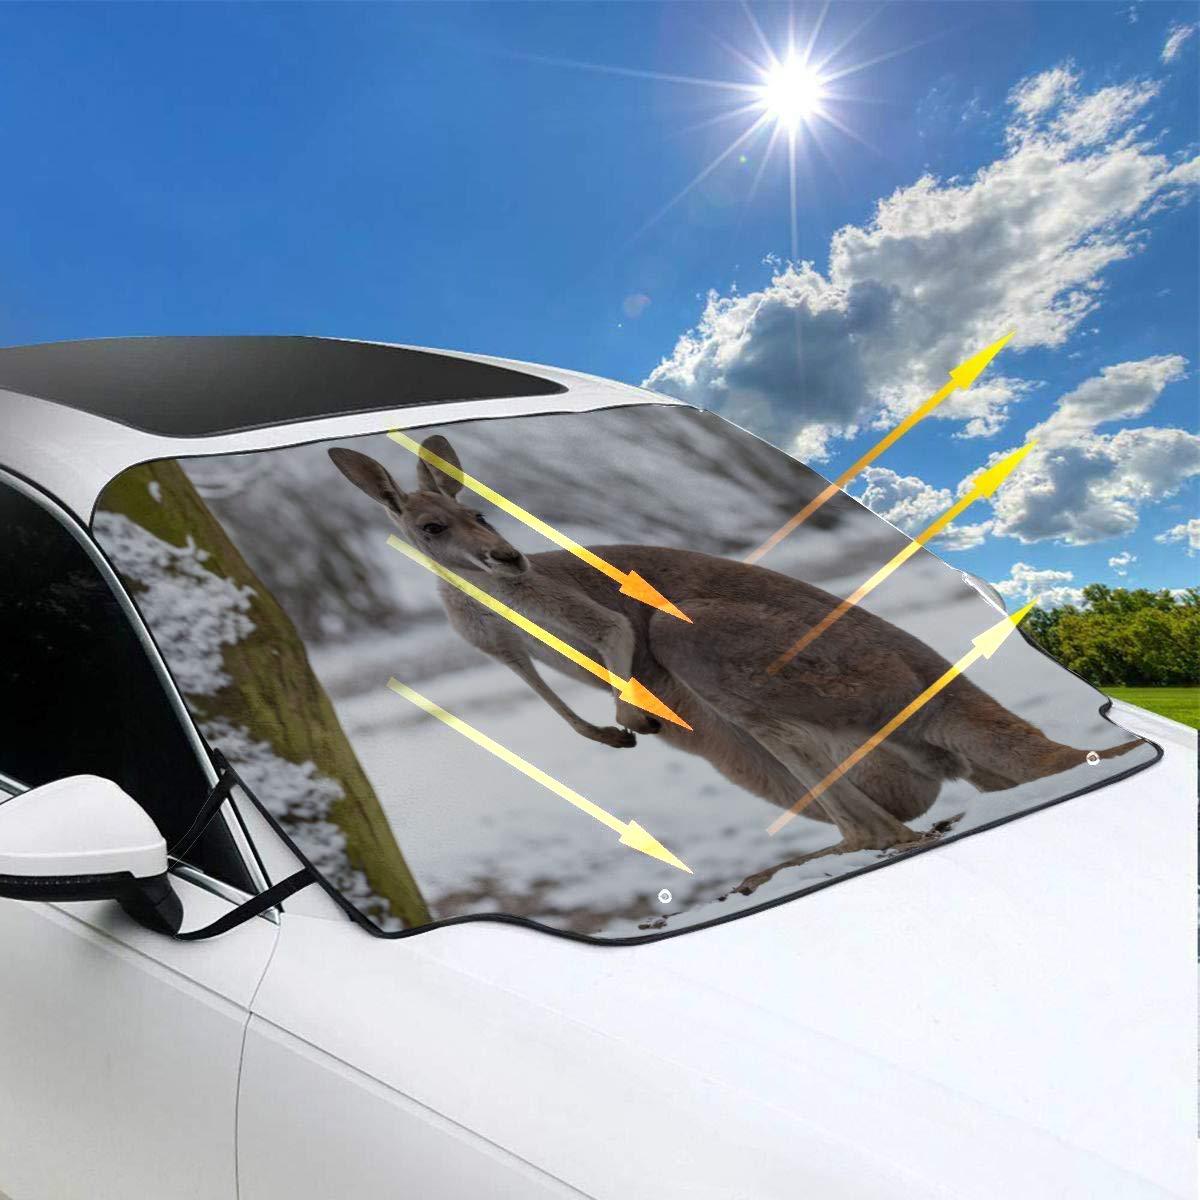 Auto Sonnenschutz Auto Ein K/änguru steht im Grasland Sonnenschutz f/ür das Auto 57.9x46.5 Zoll7147cmx118cmcm f/ür die meisten Fahrzeuge indem Sie die Windschutzscheibe und den Scheibenwischer vor Sonn